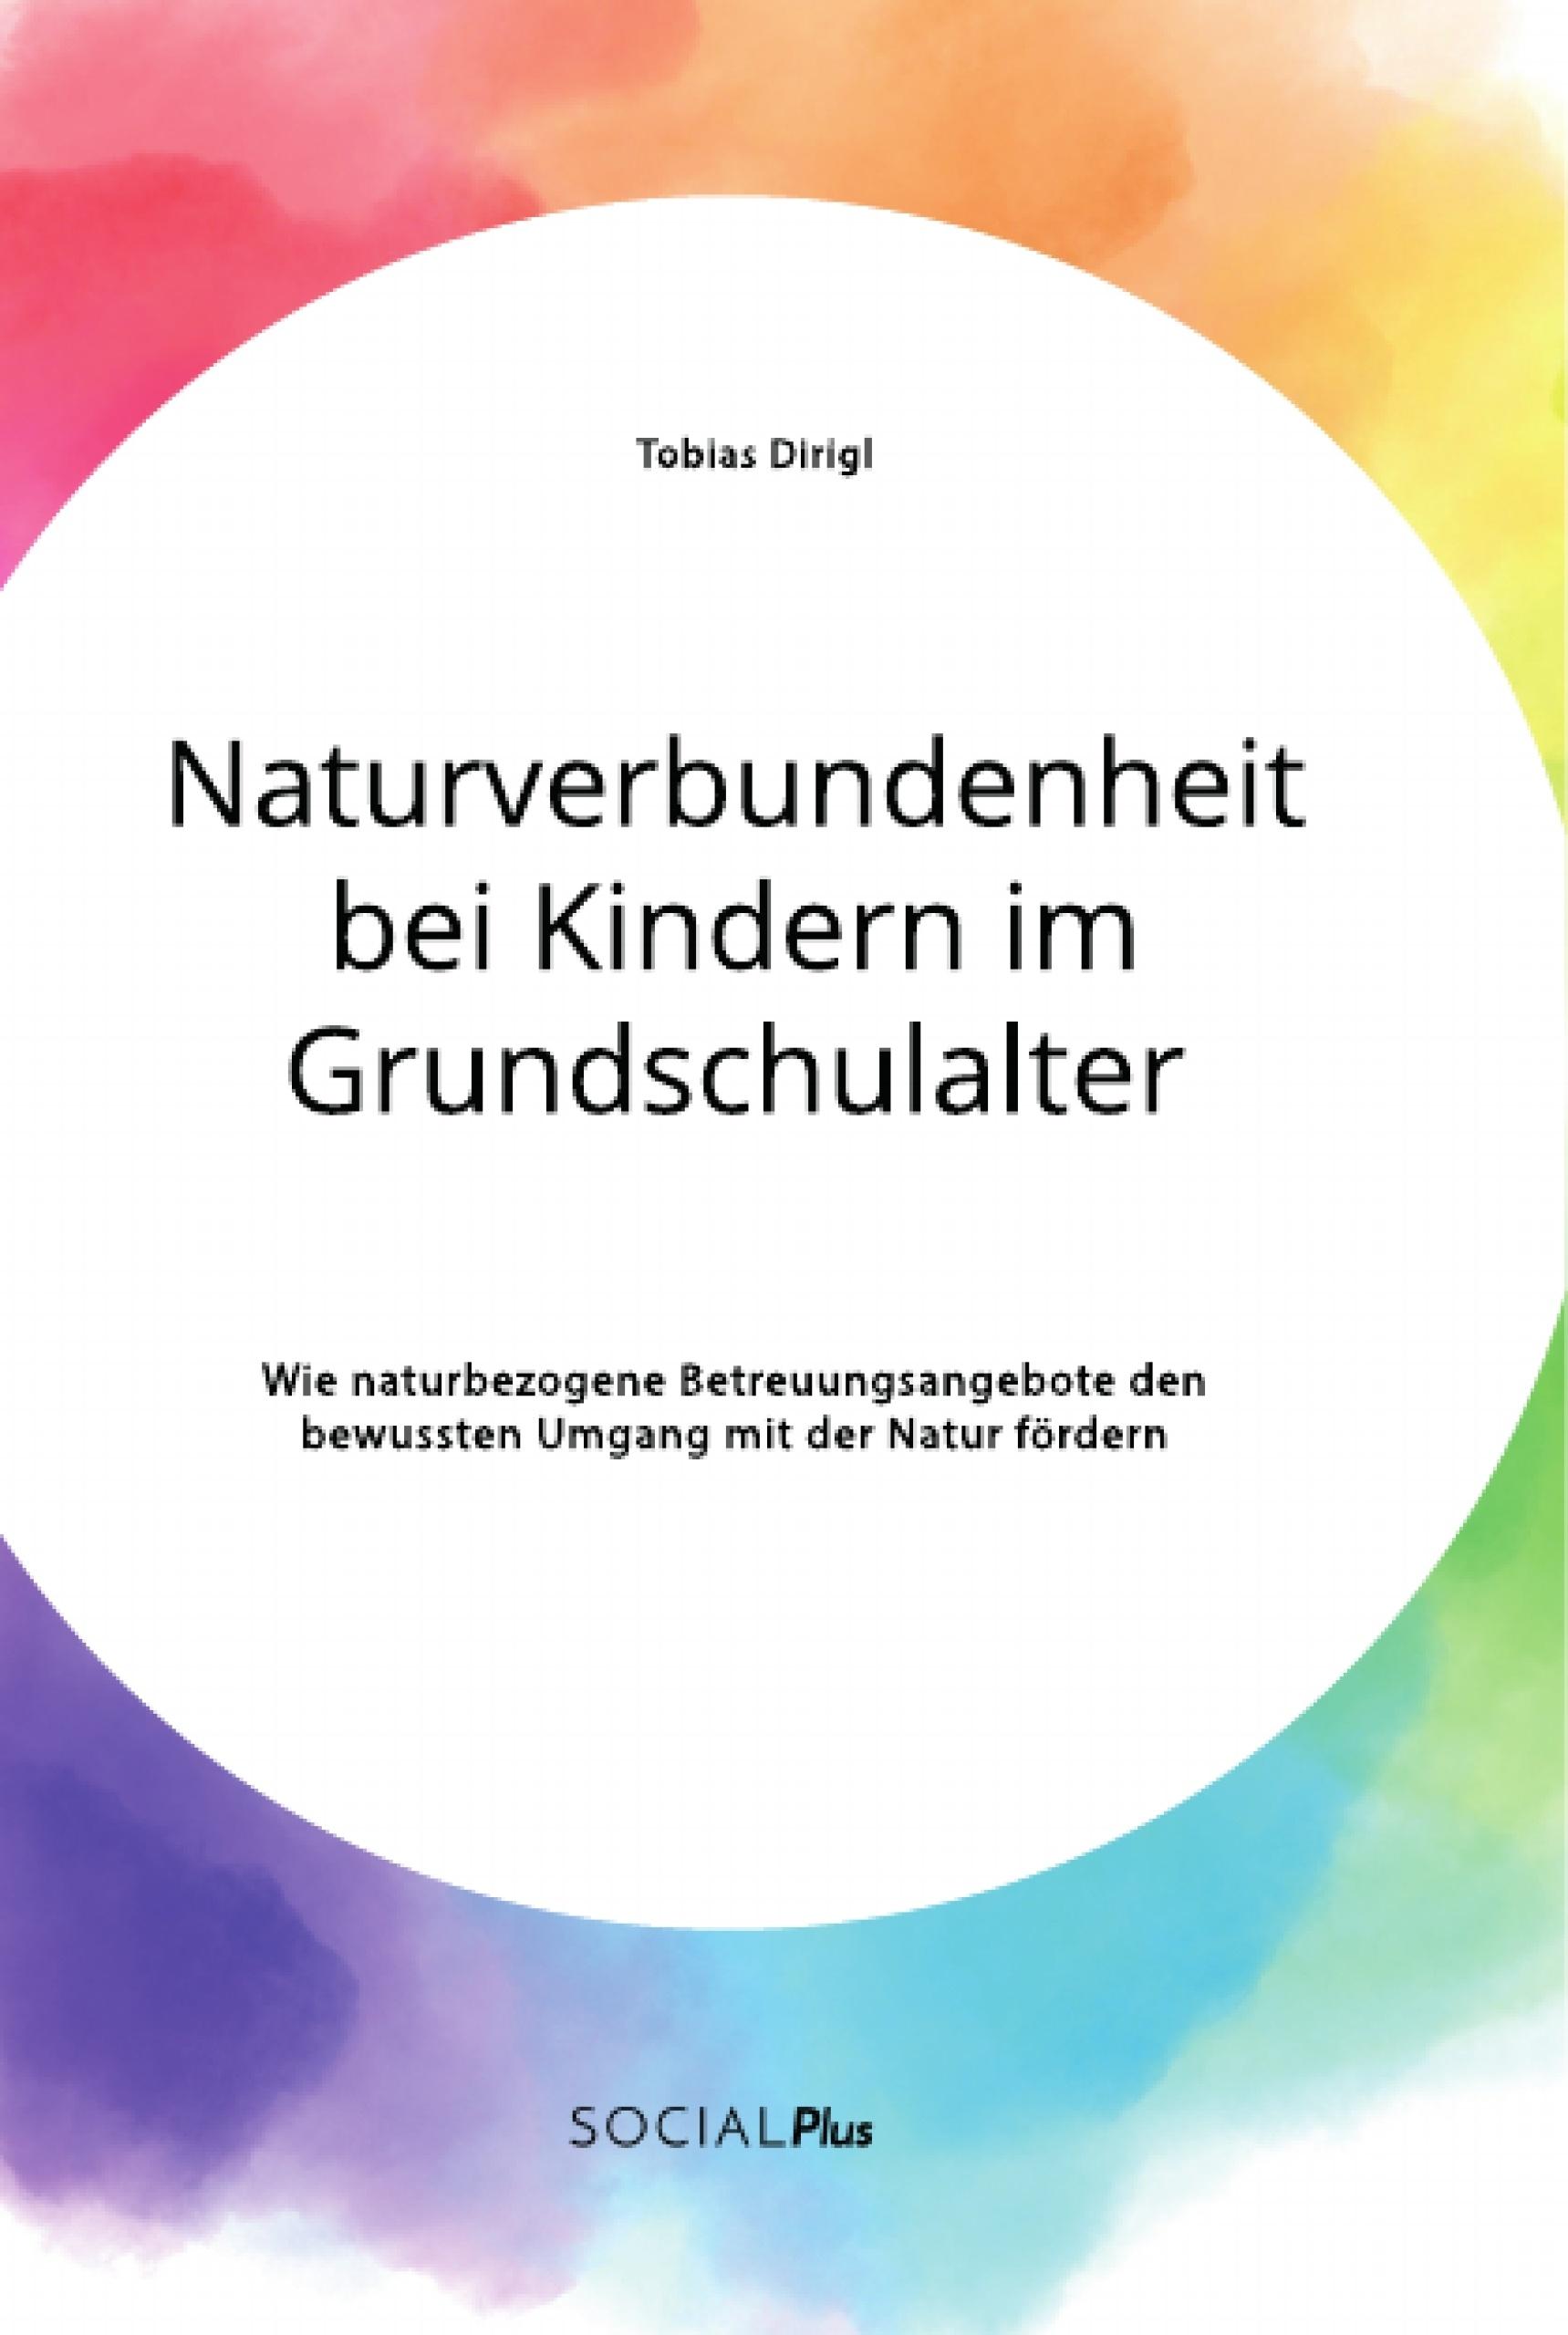 Titel: Naturverbundenheit bei Kindern im Grundschulalter. Wie naturbezogene Betreuungsangebote den bewussten Umgang mit der Natur fördern